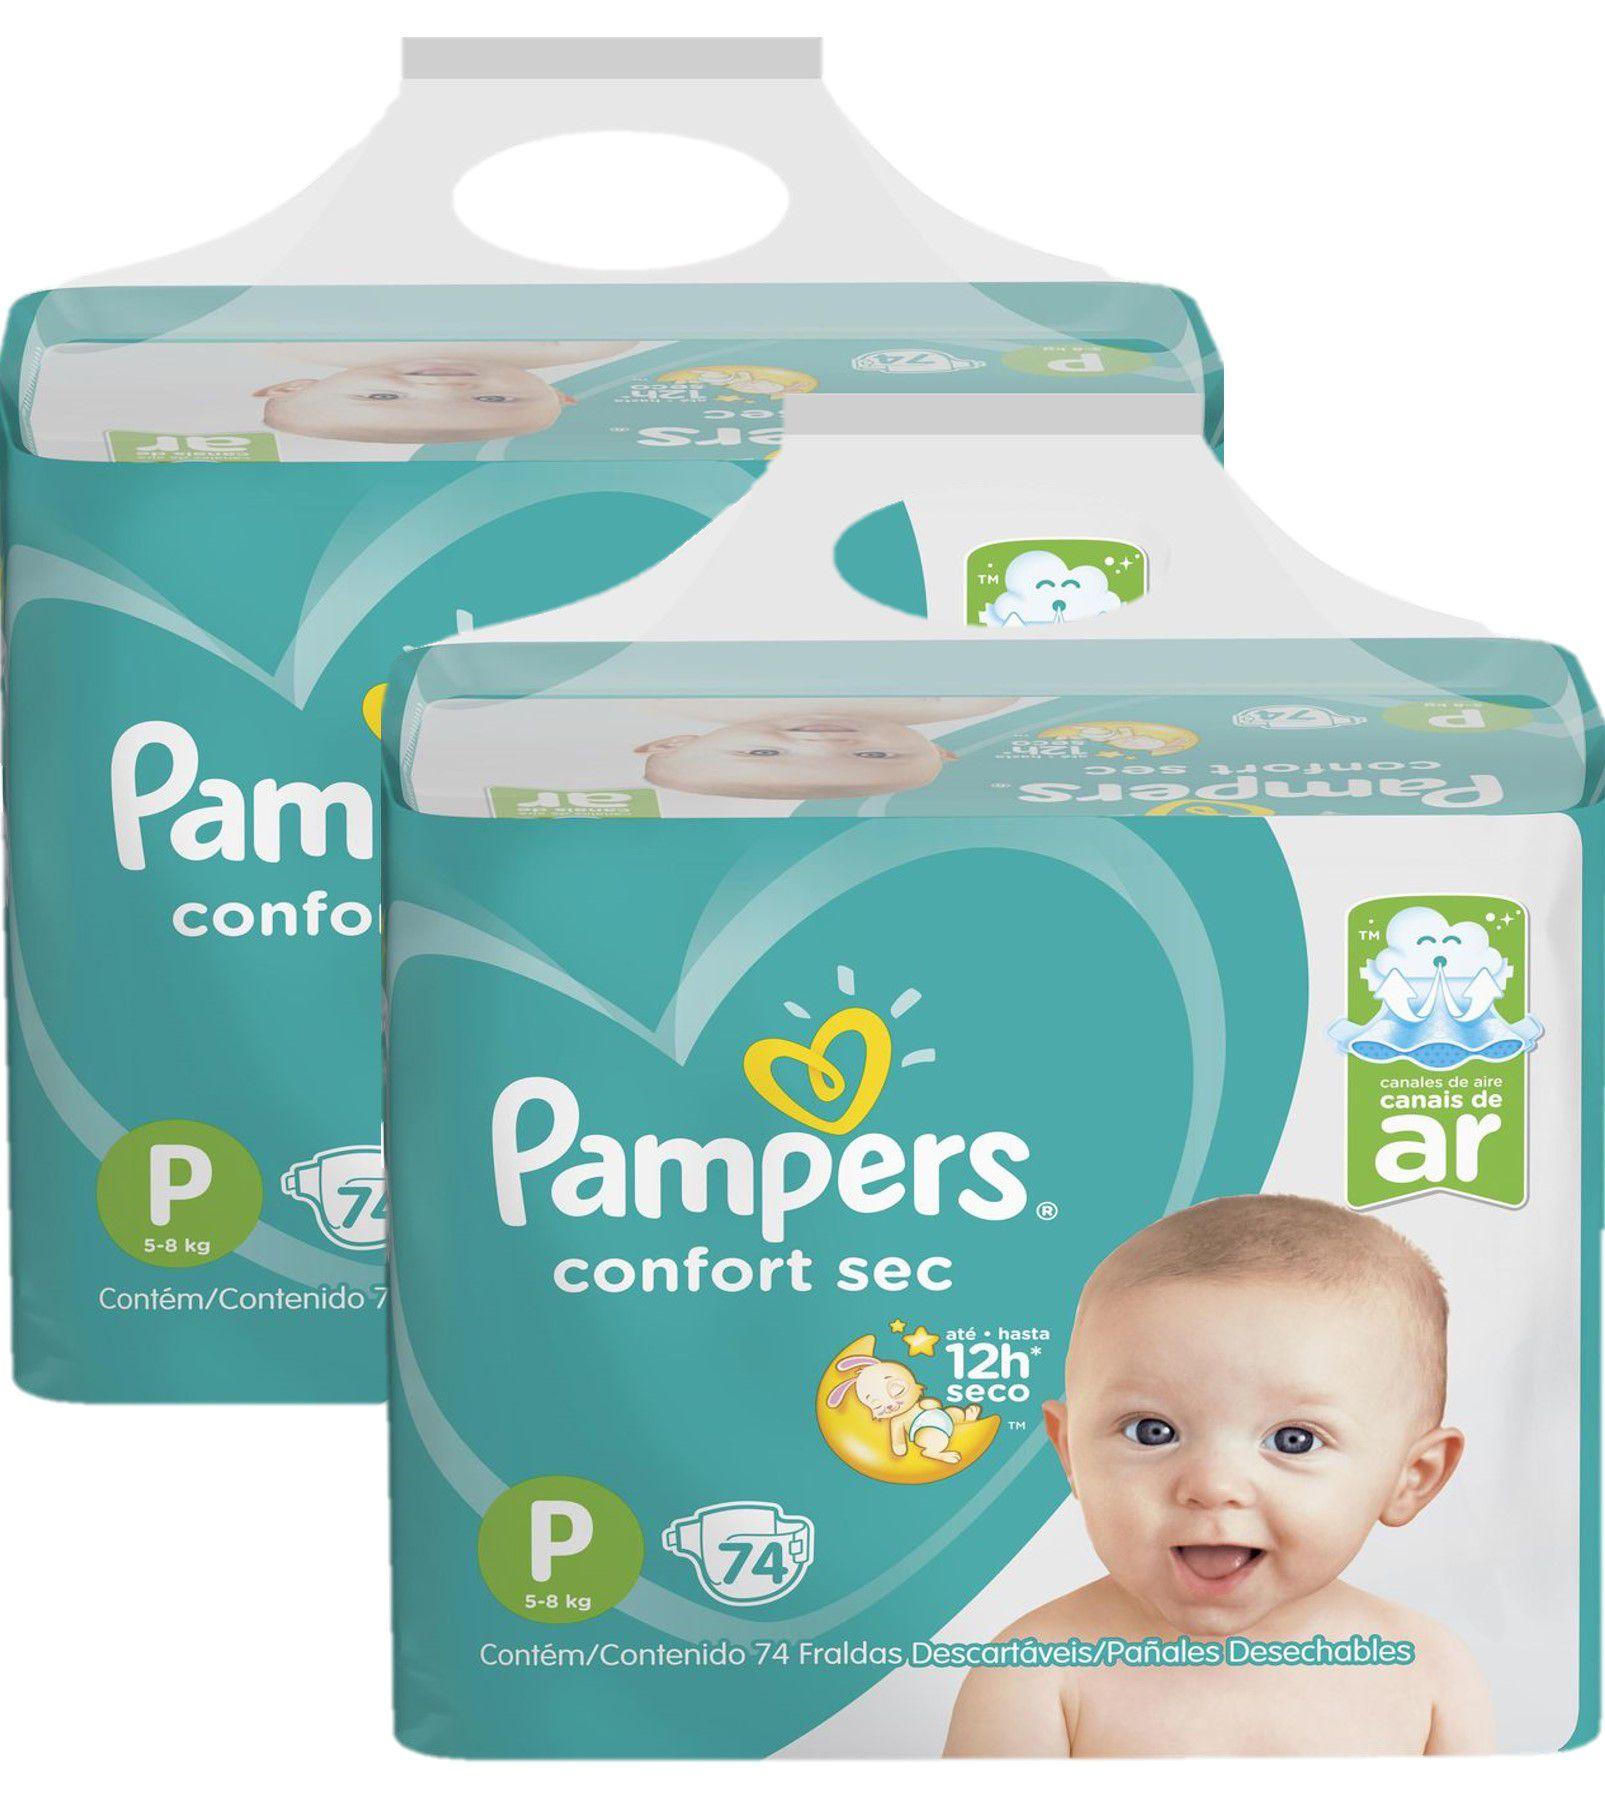 Kit Fralda Pampers Confort Sec Super Tamanho P 148 unidades